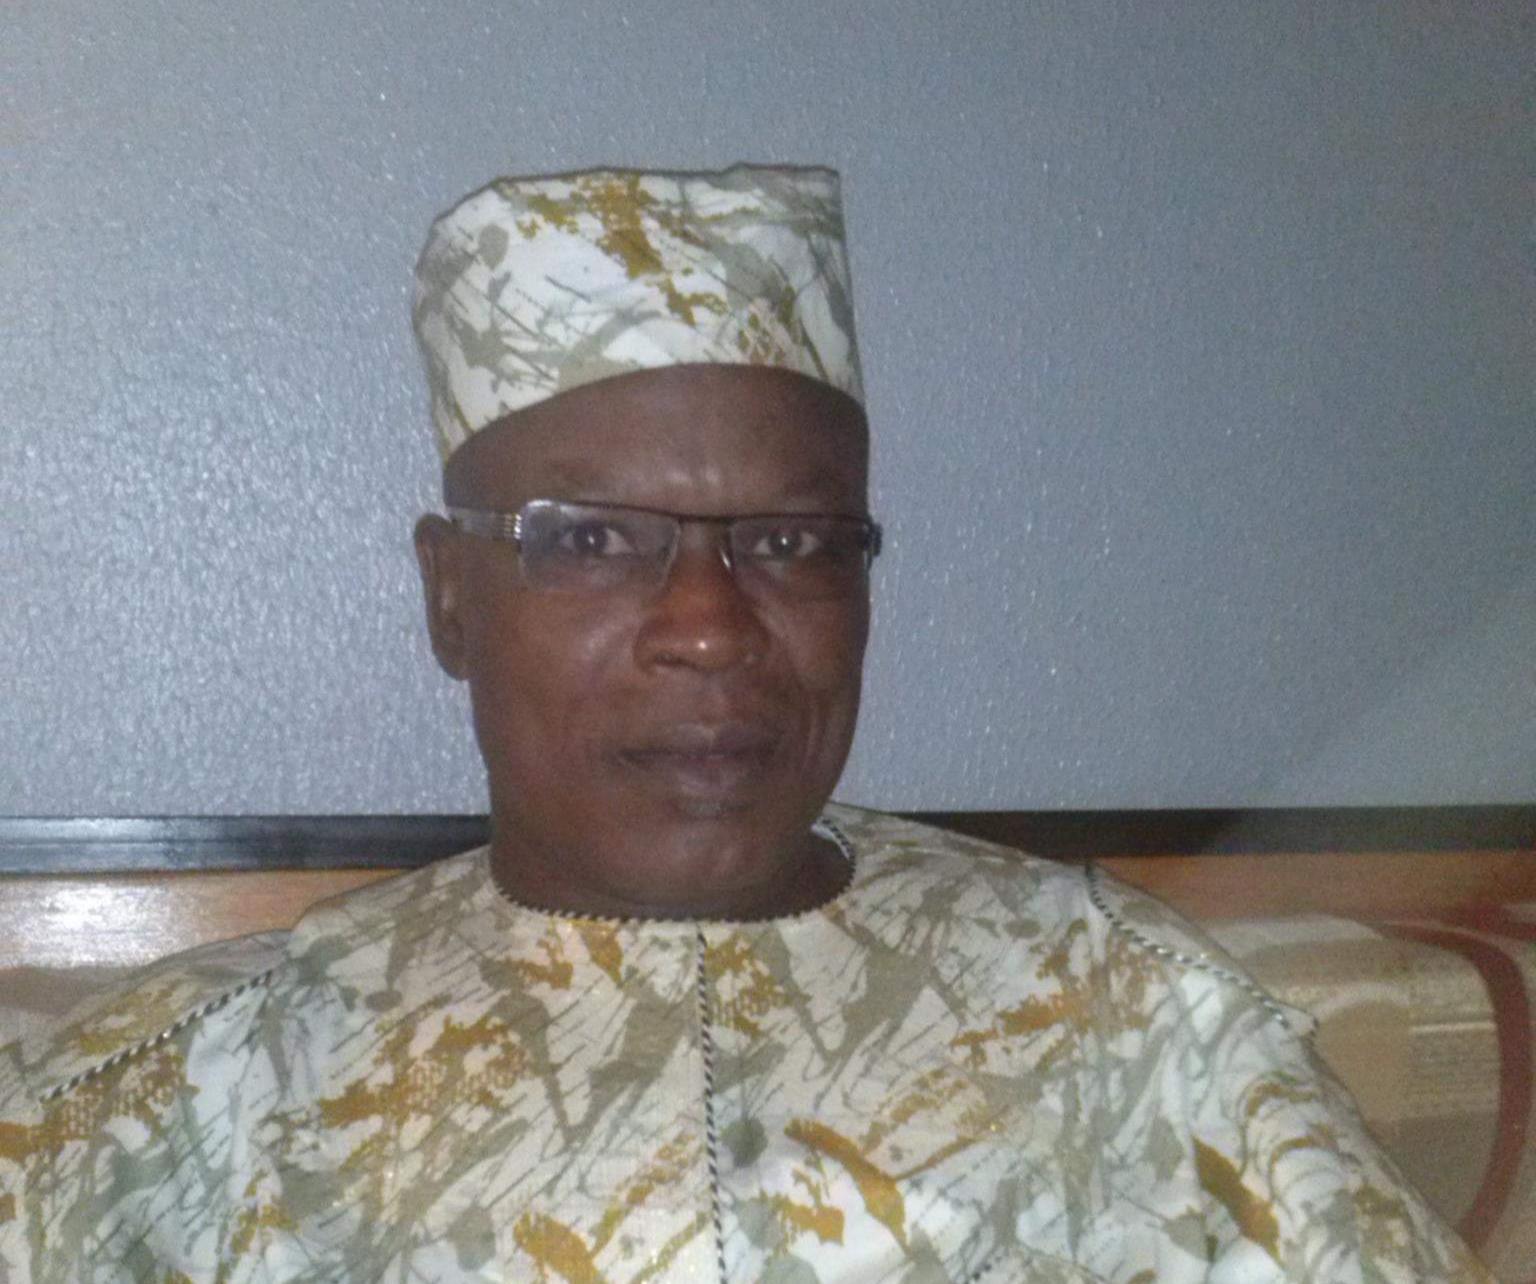 Candidature de Drogba validée : pour Barthelemy Inabo, c'est une forfaiture, les autres candidats devraient se retirer !